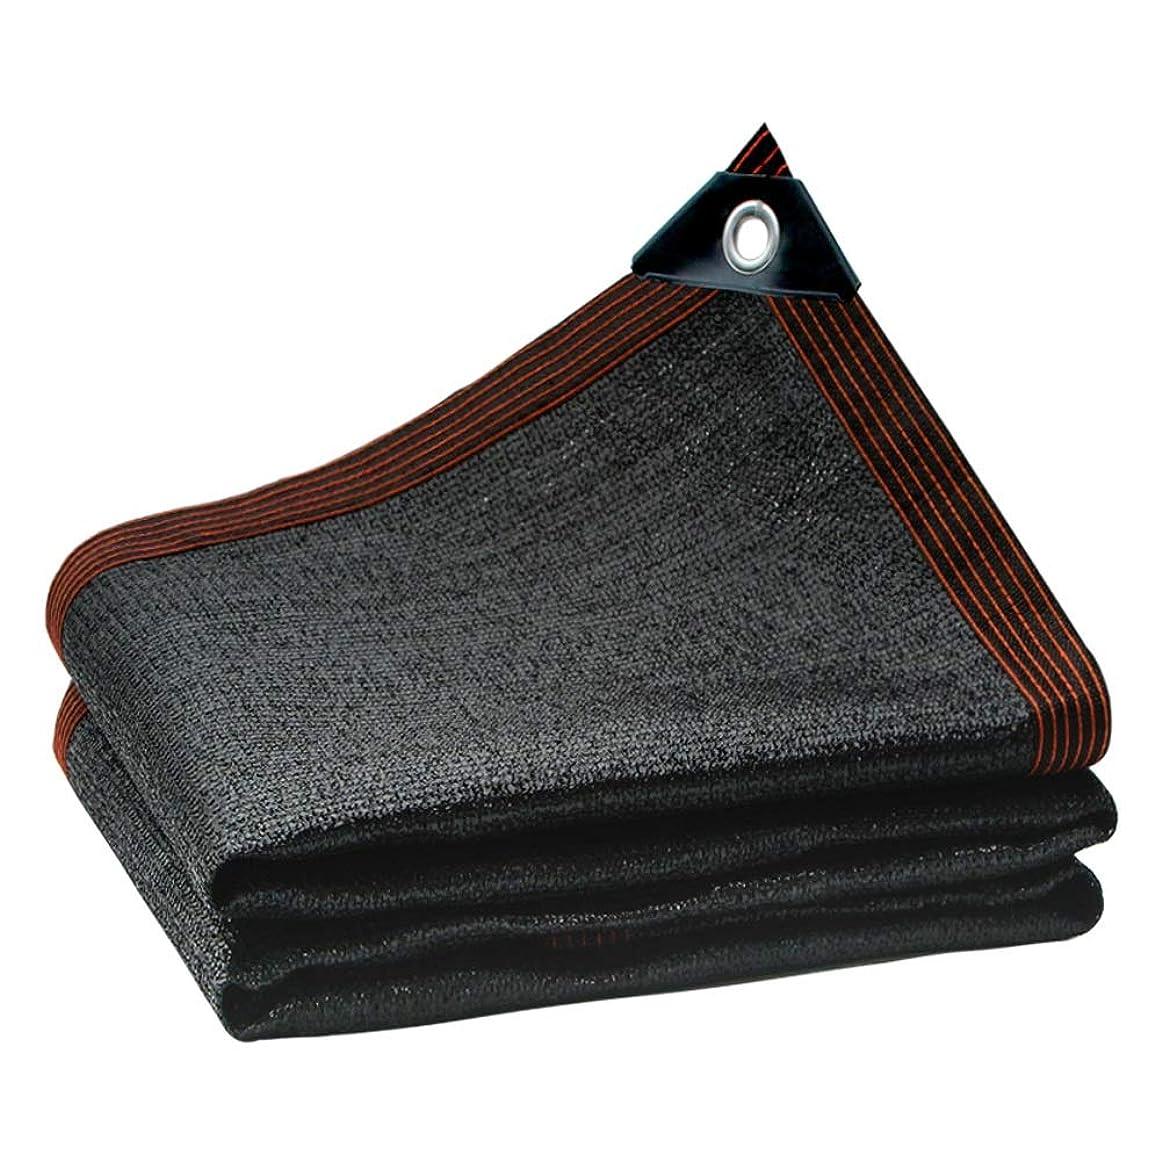 哀製油所靴遮光ネット パーフォレーション付き長方形の屋外用シェードクロス、90%UV保護ブラックシェードネット、パーゴラガーデンバルコニーに使用 DZHJXFCL (Color : Black, Size : 6x12m)